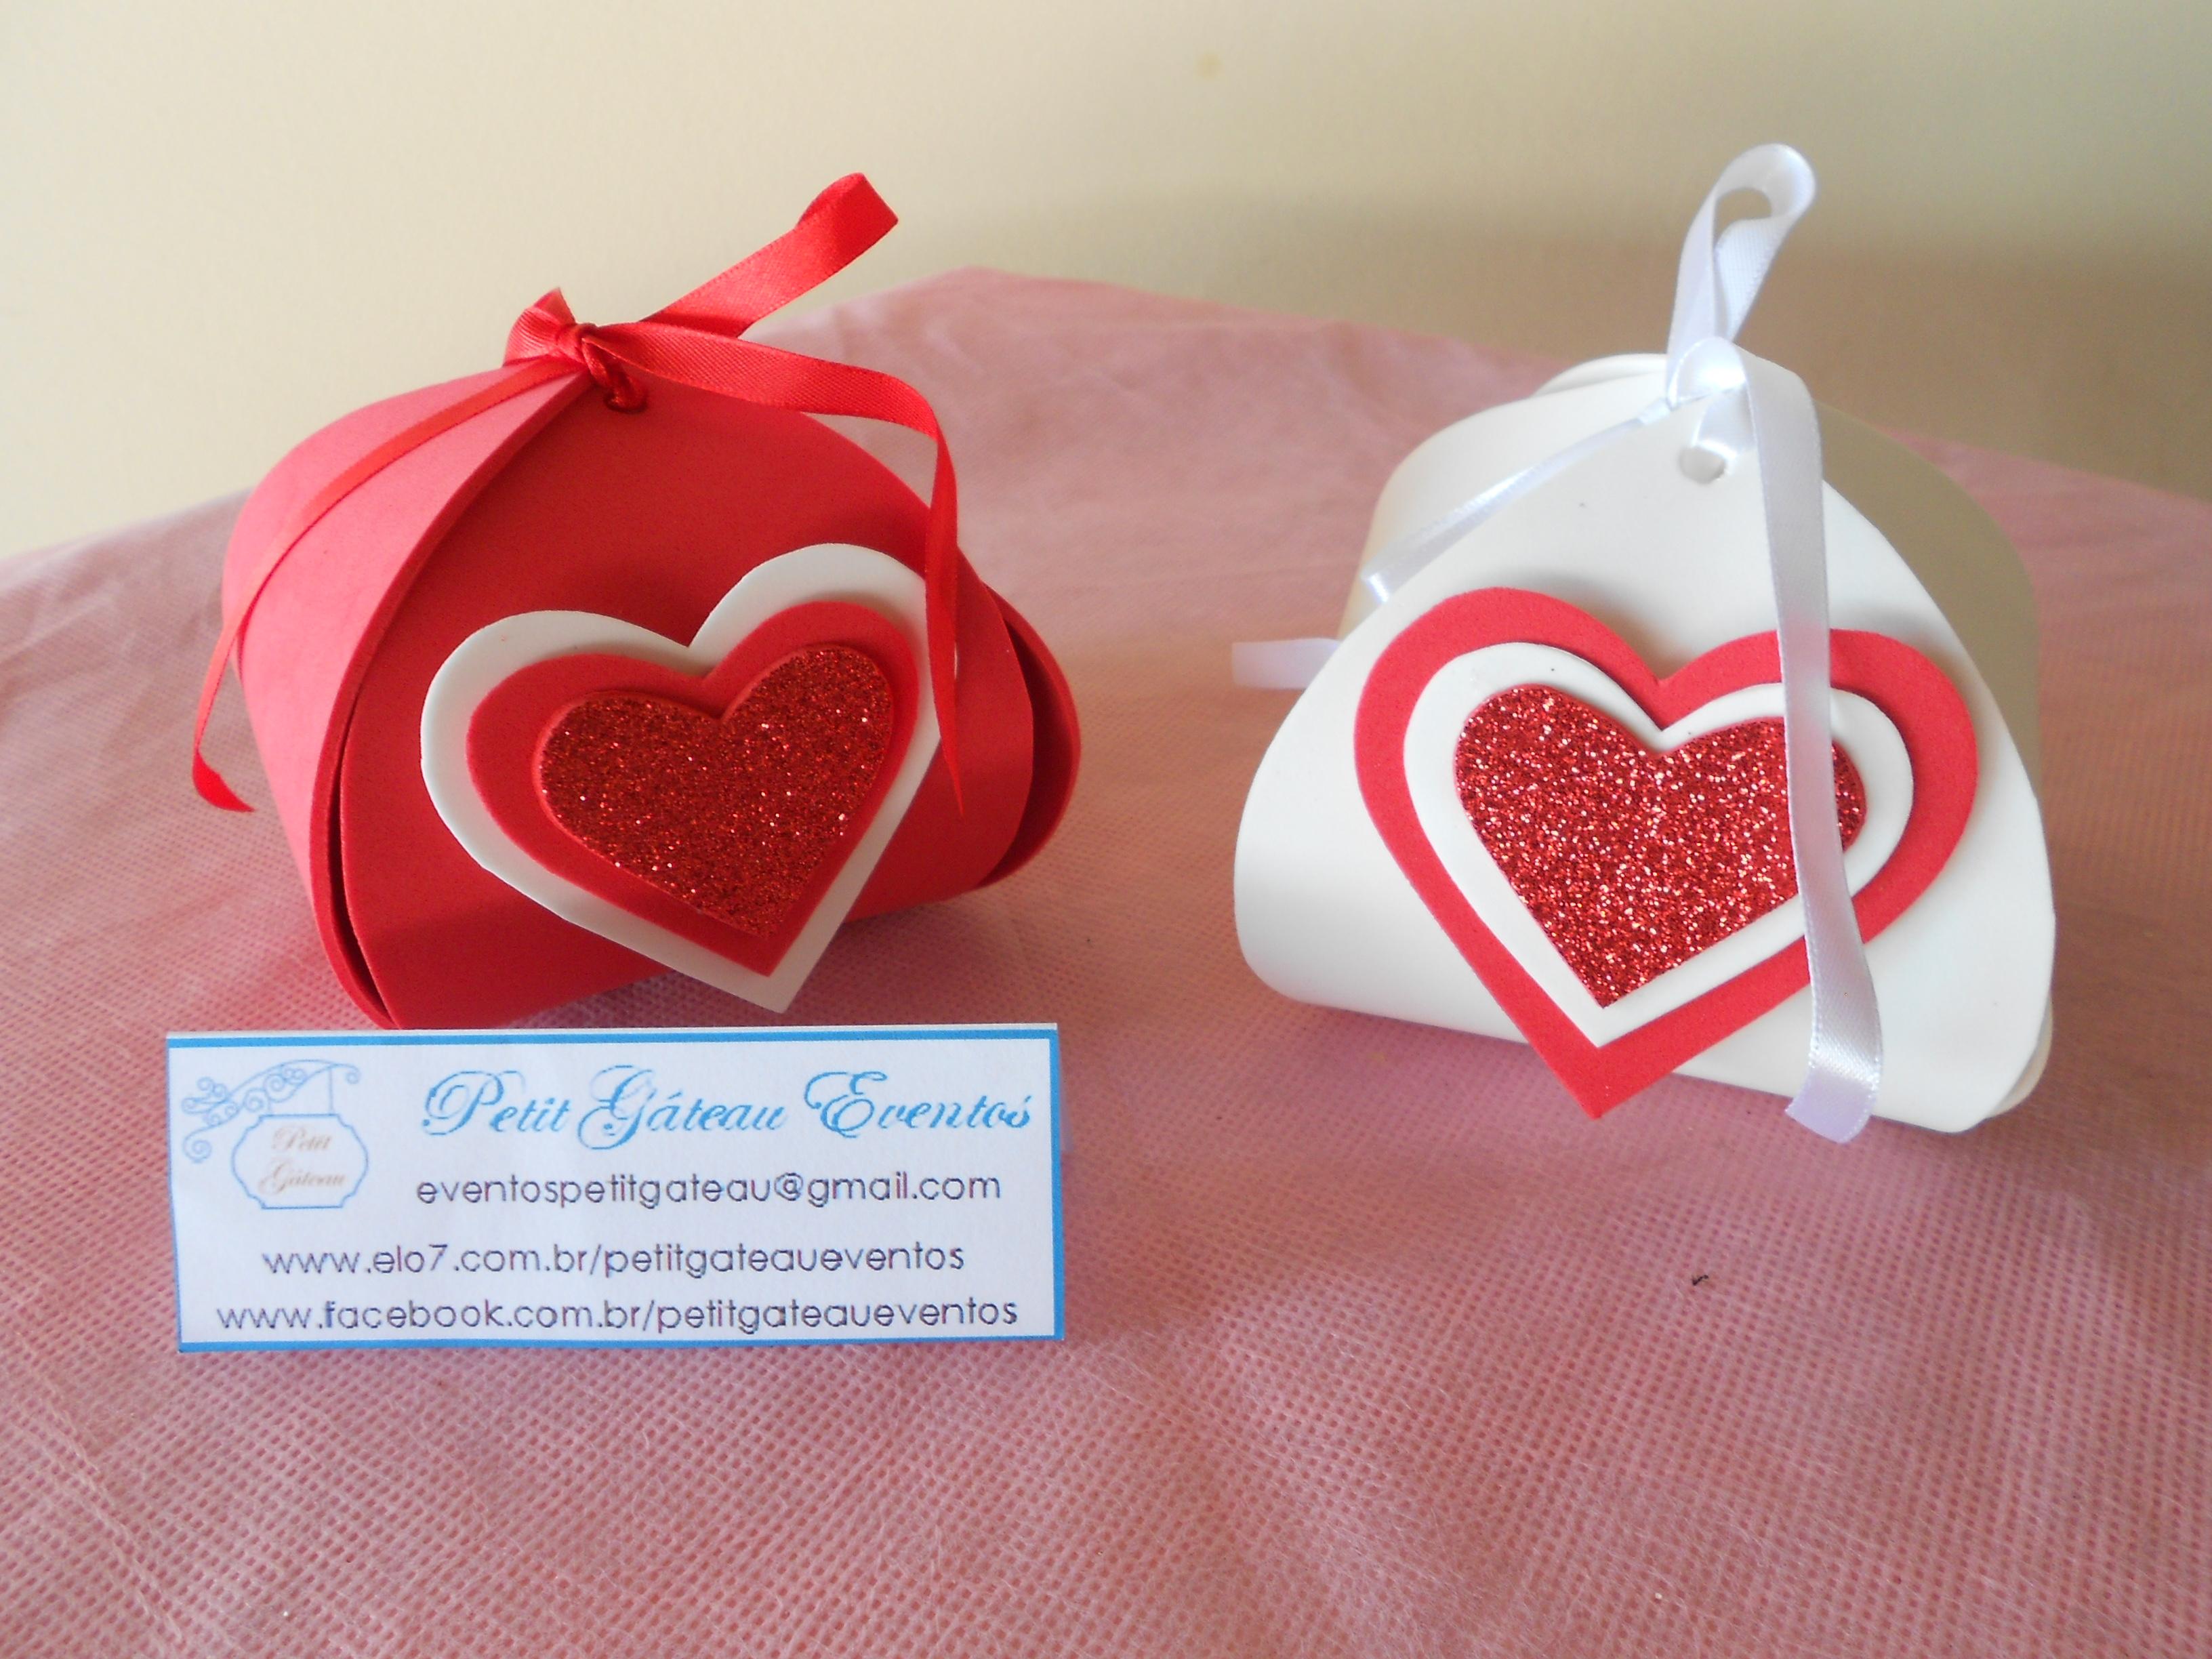 Ideias de lembrancinhas para o Dia dos Namorados